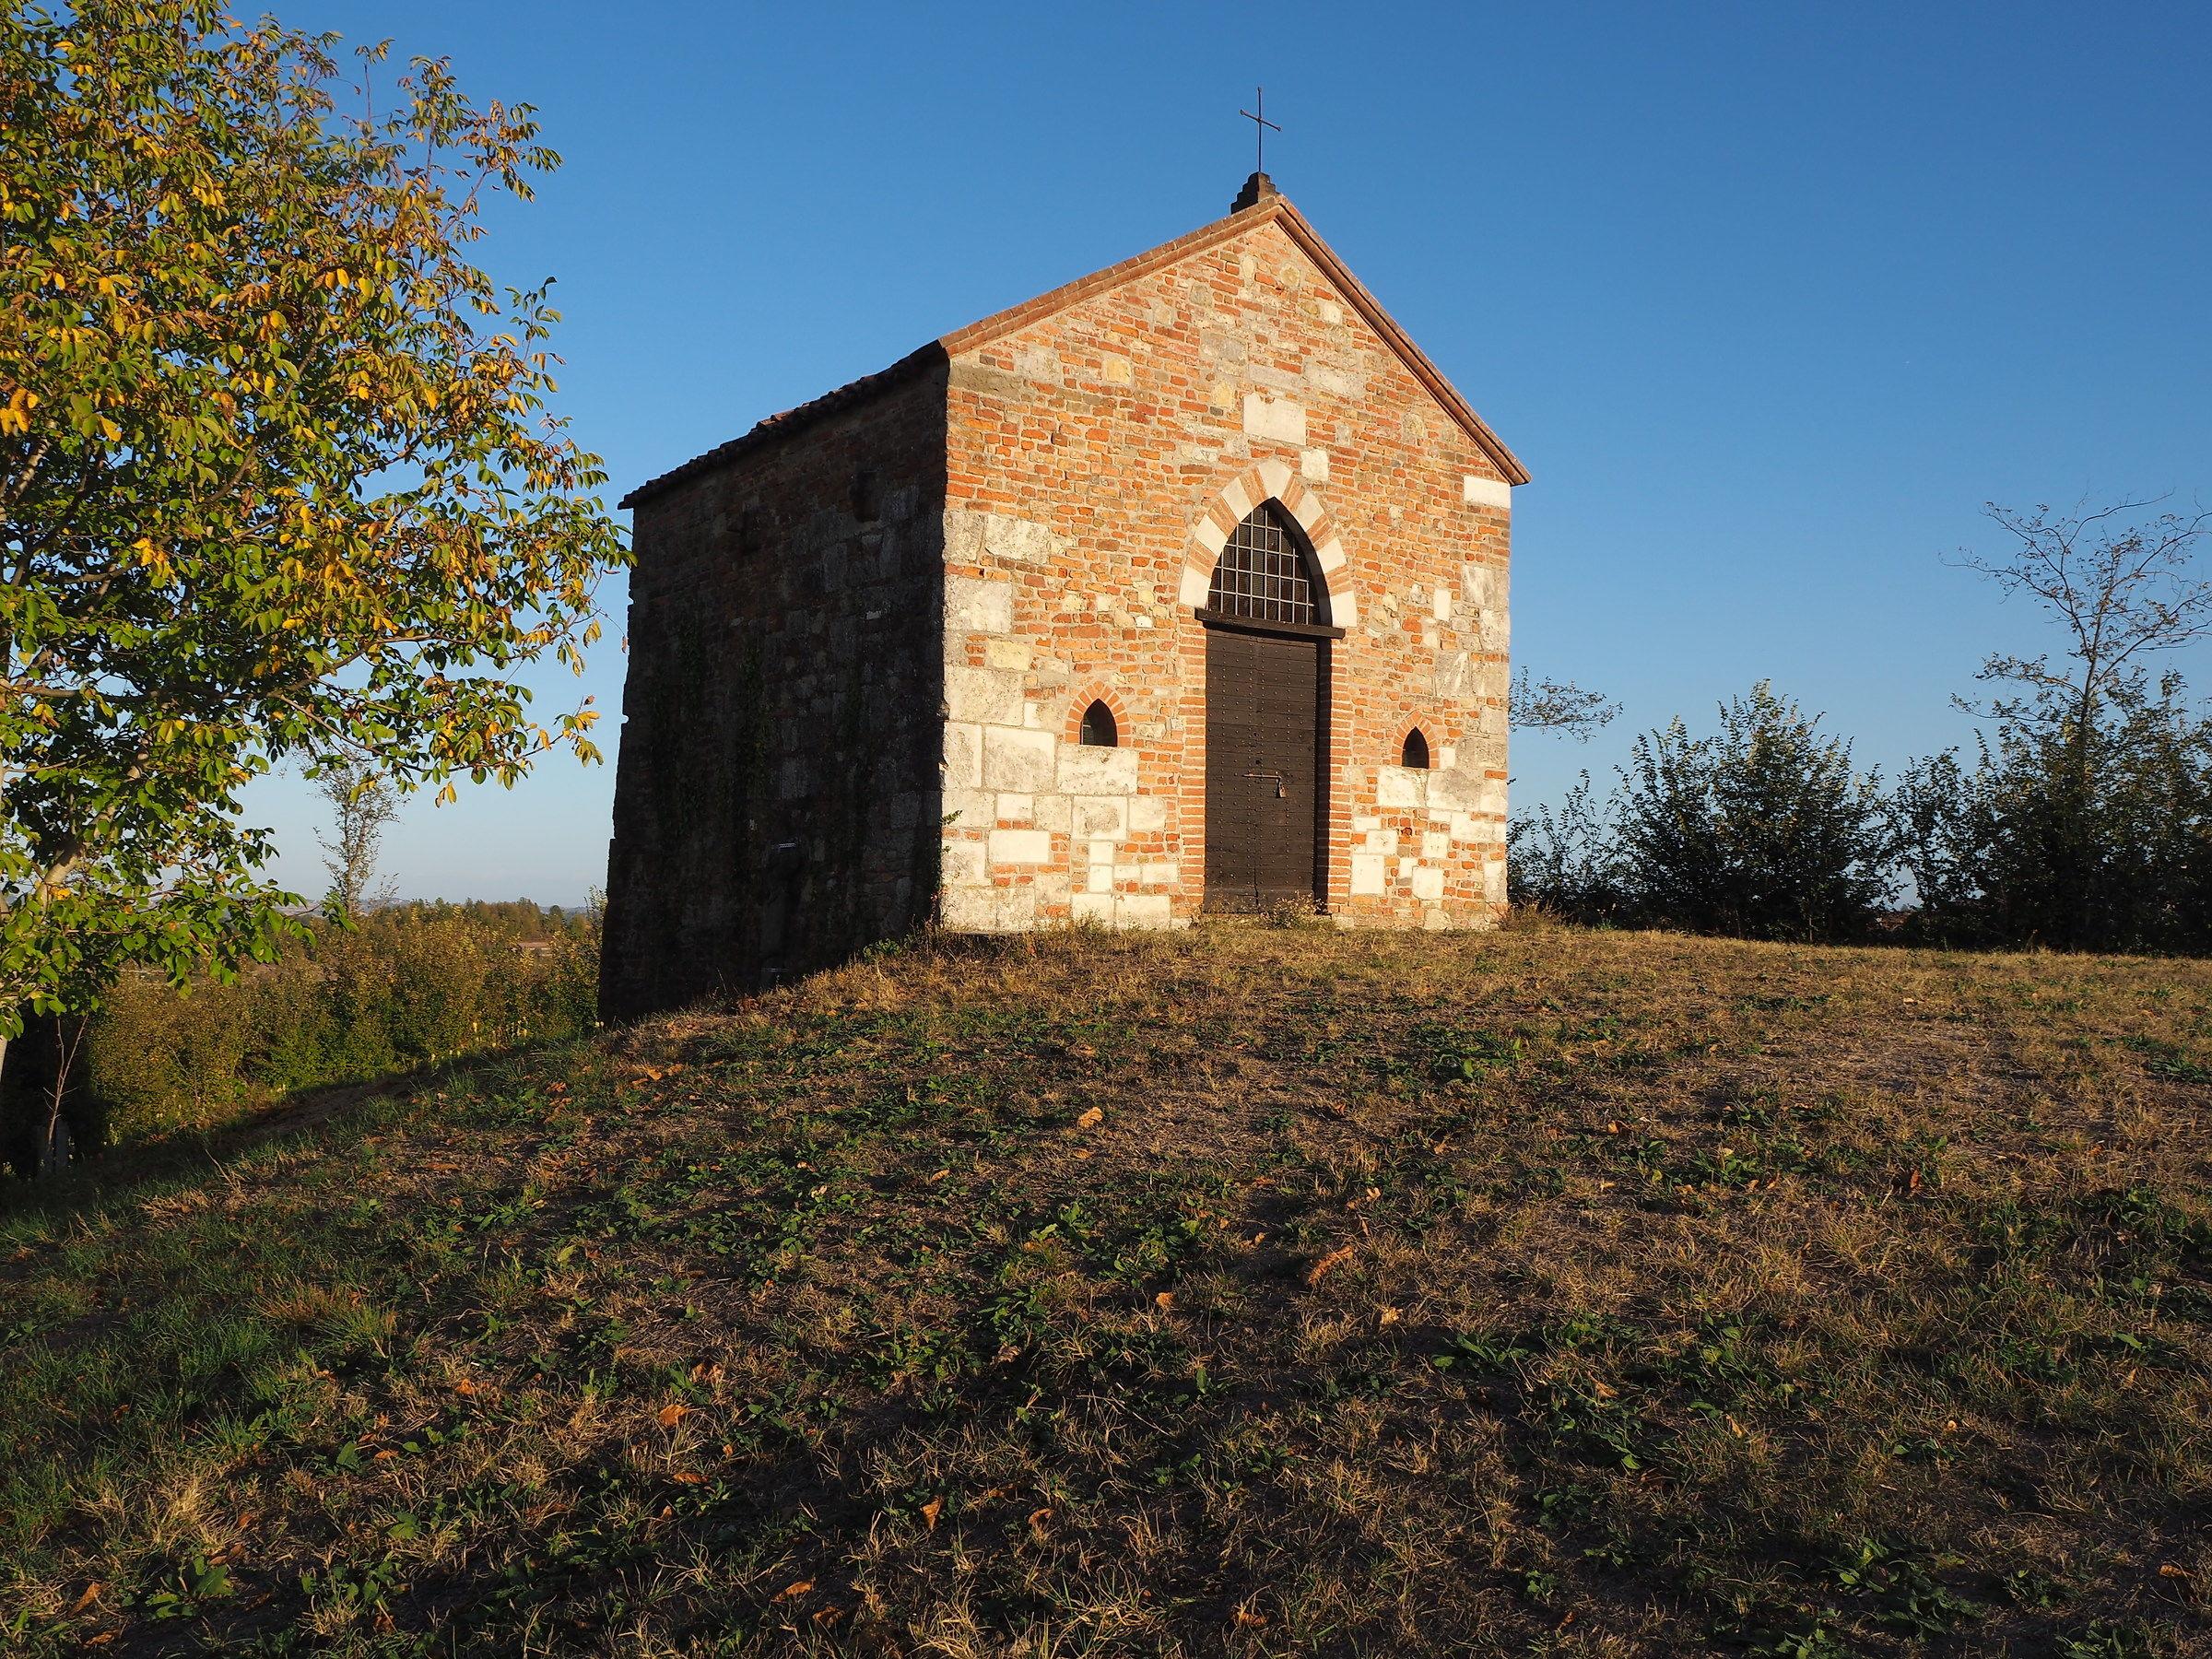 chiesetta romanica a Montechiaro d'Asti...